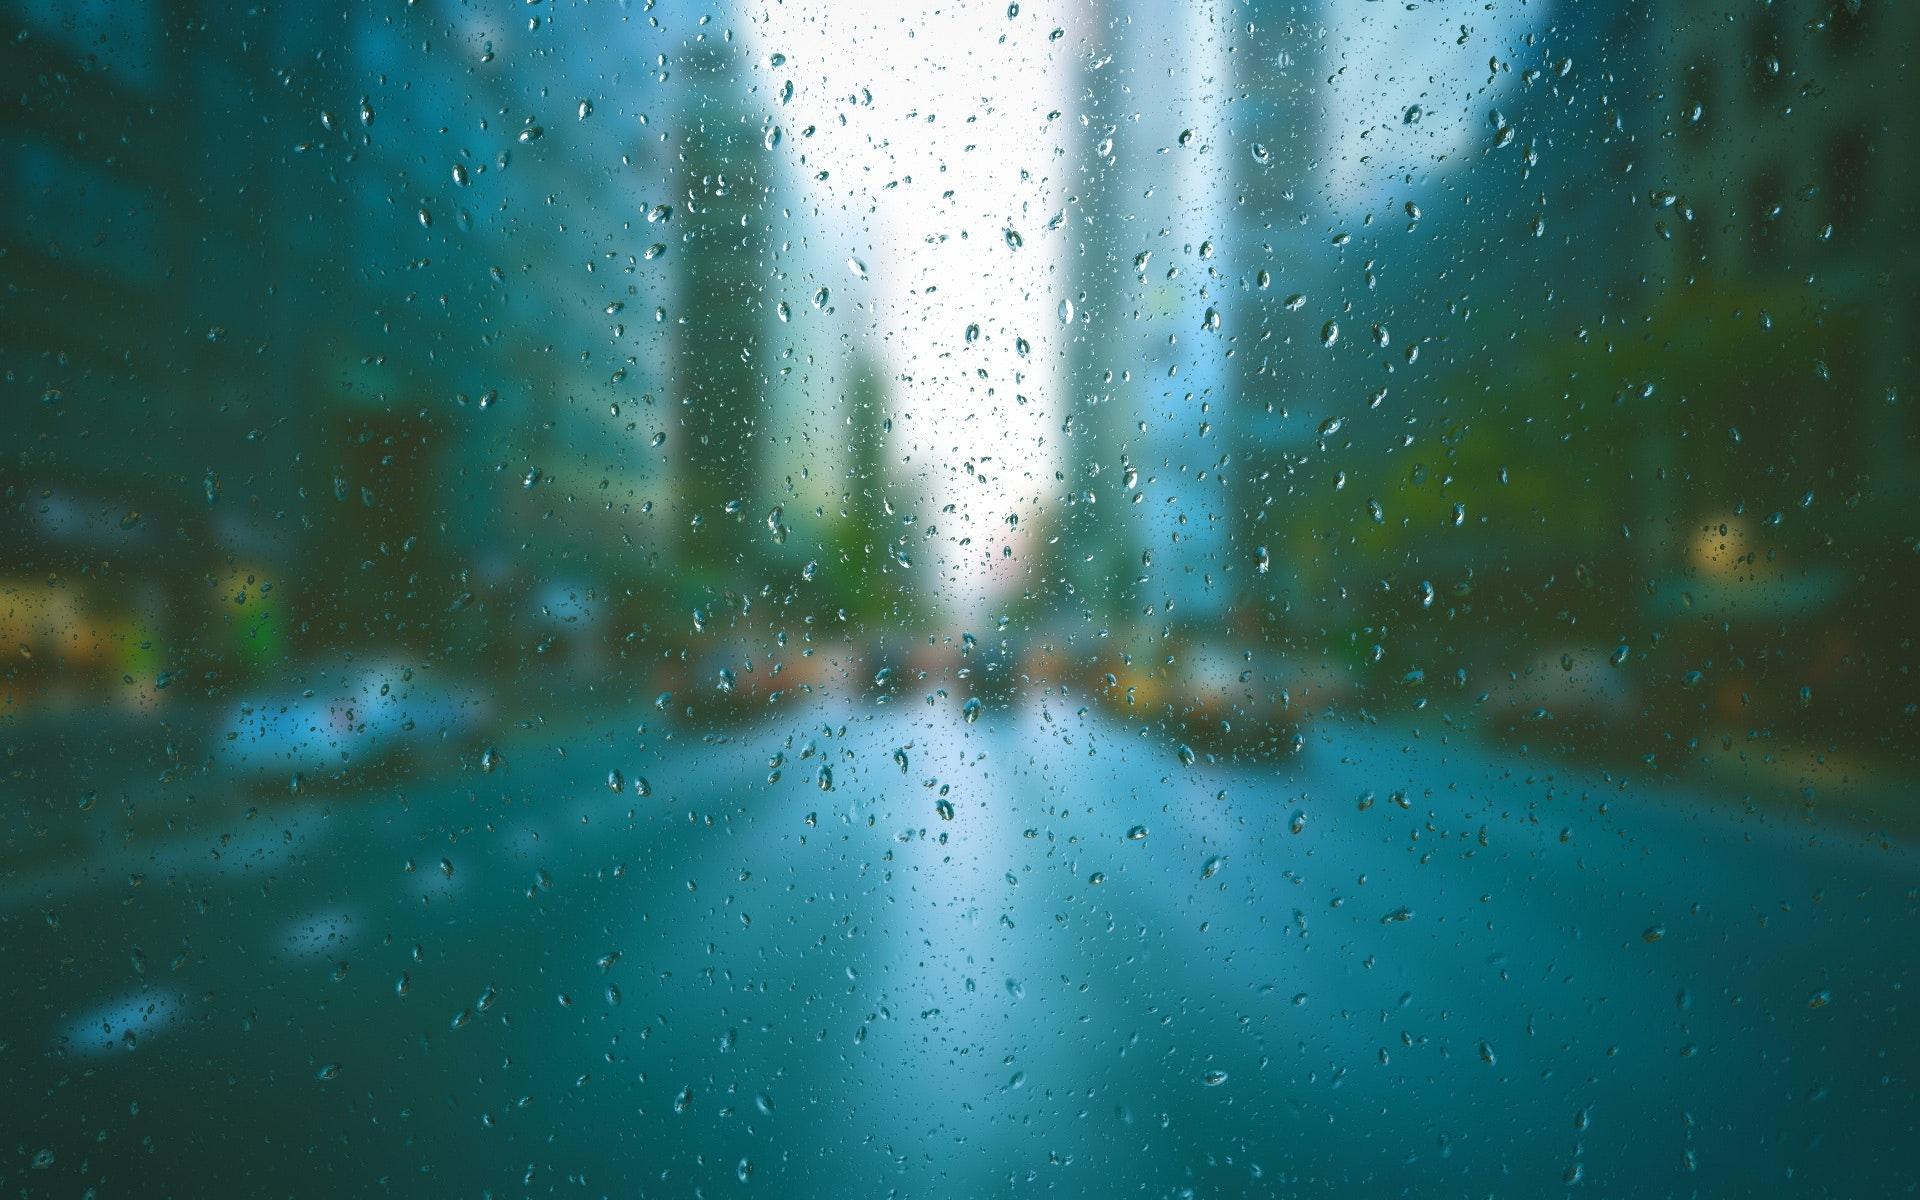 Background con đường mưa